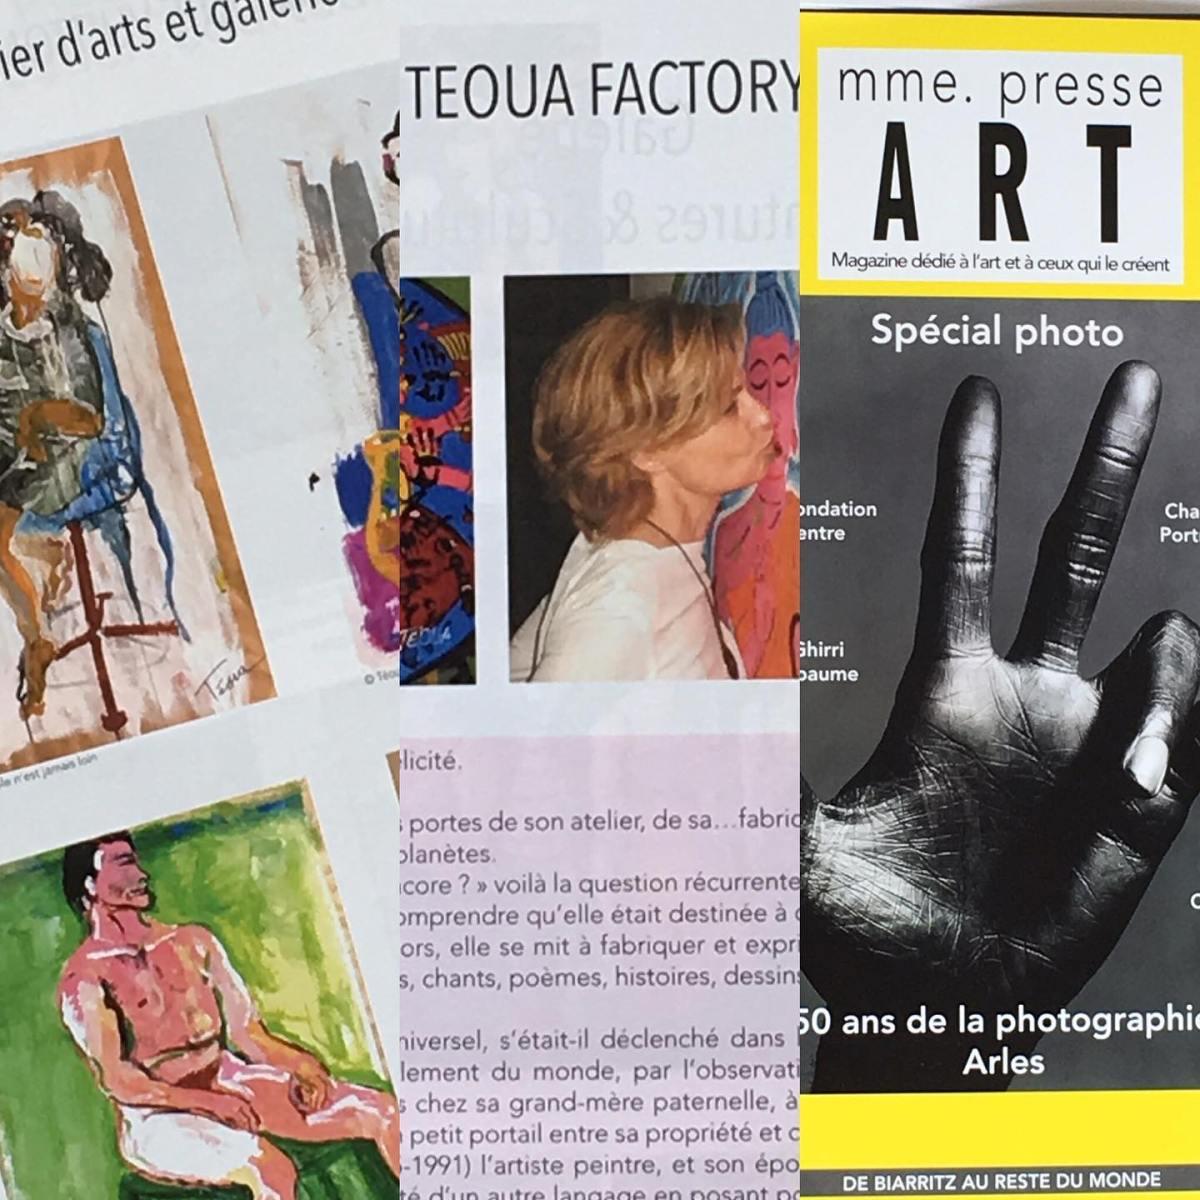 Téoua dans Madame Presse Art: magazine dédié à l'art et ceux qui lecréent.